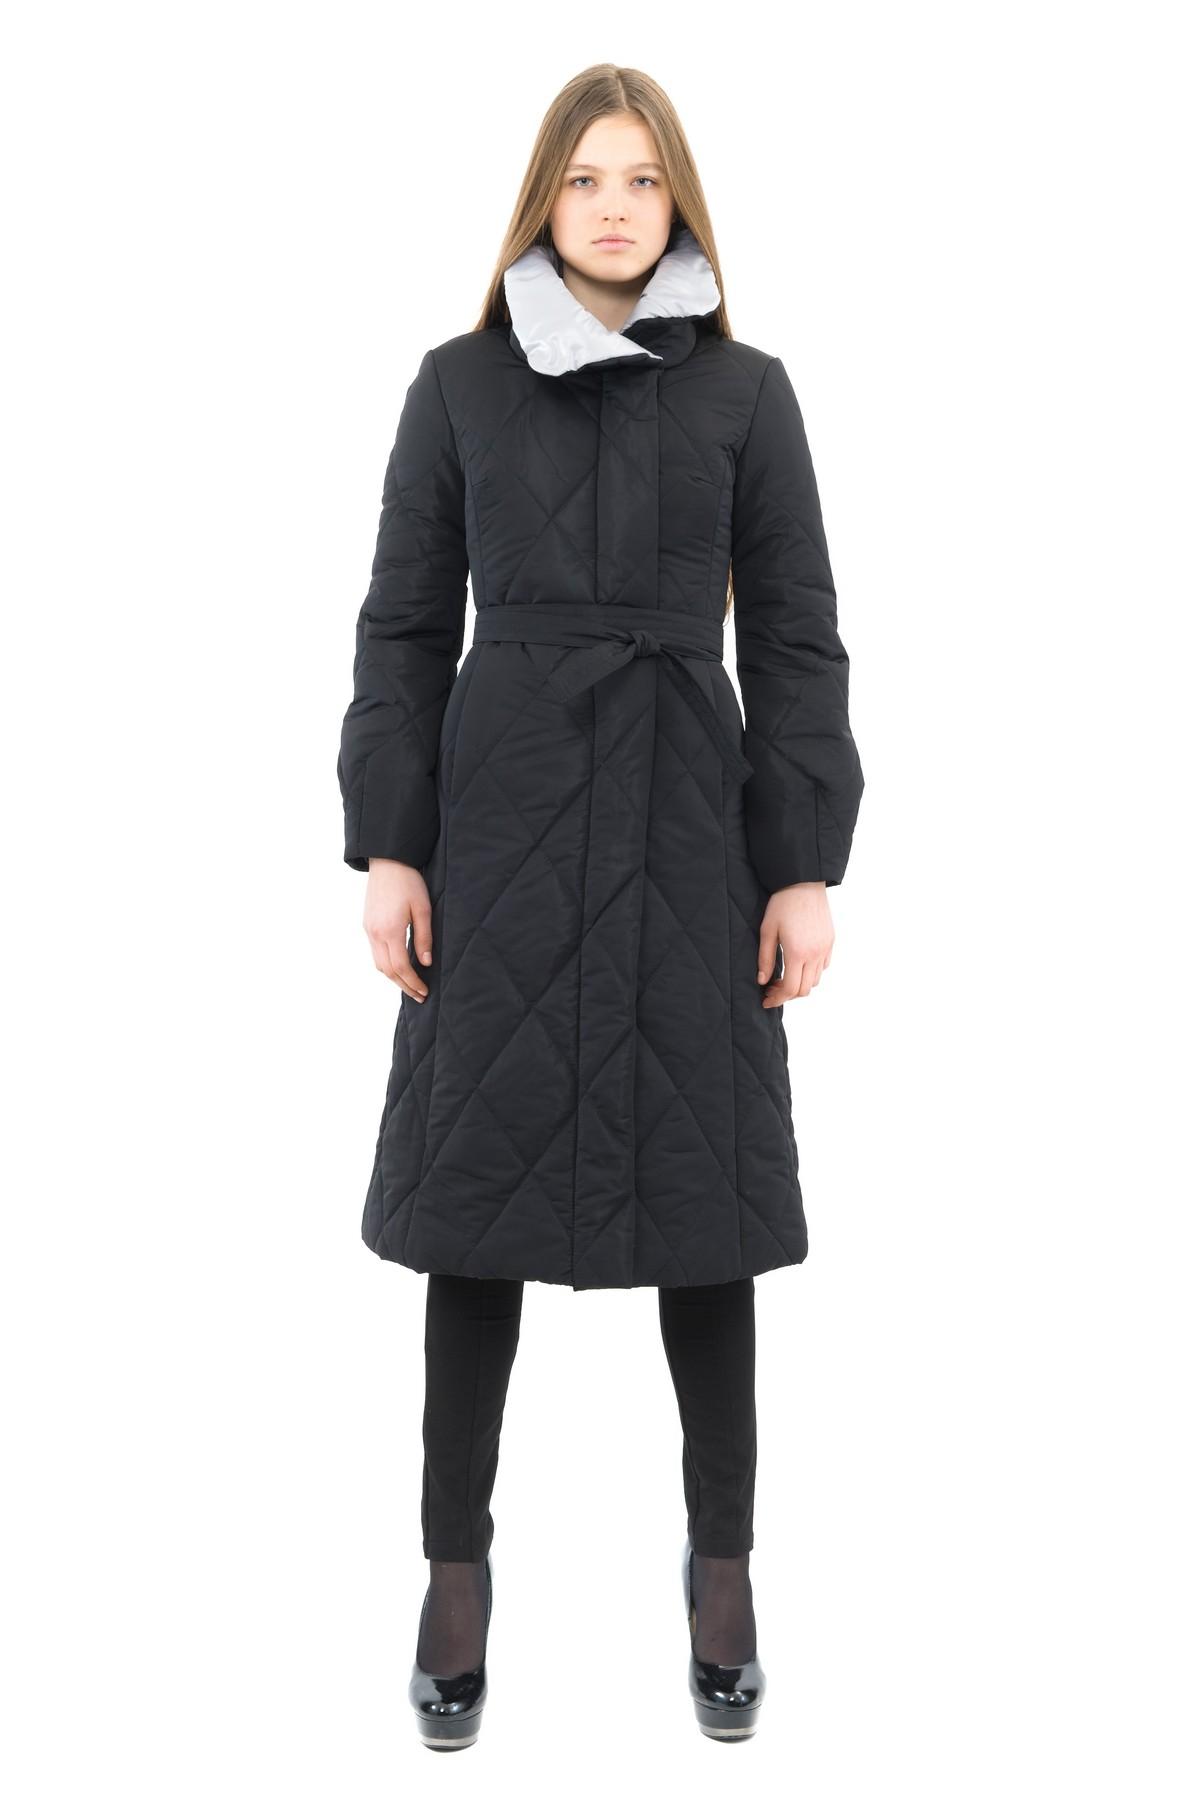 ПальтоЖенские куртки, плащи, пальто<br>Восхитительный вариант для тех, кто предпочитает стильные решения - элегантное пальто сдержанного модного дизайна, который подчеркнет Ваш безупречный вкус. Прекрасный вариант для создания элегантного образа.<br><br>Цвет: черный,серый<br>Состав: 100% полиэстер: подкладка - 100% полиэстер<br>Размер: 52<br>Страна дизайна: Россия<br>Страна производства: Россия